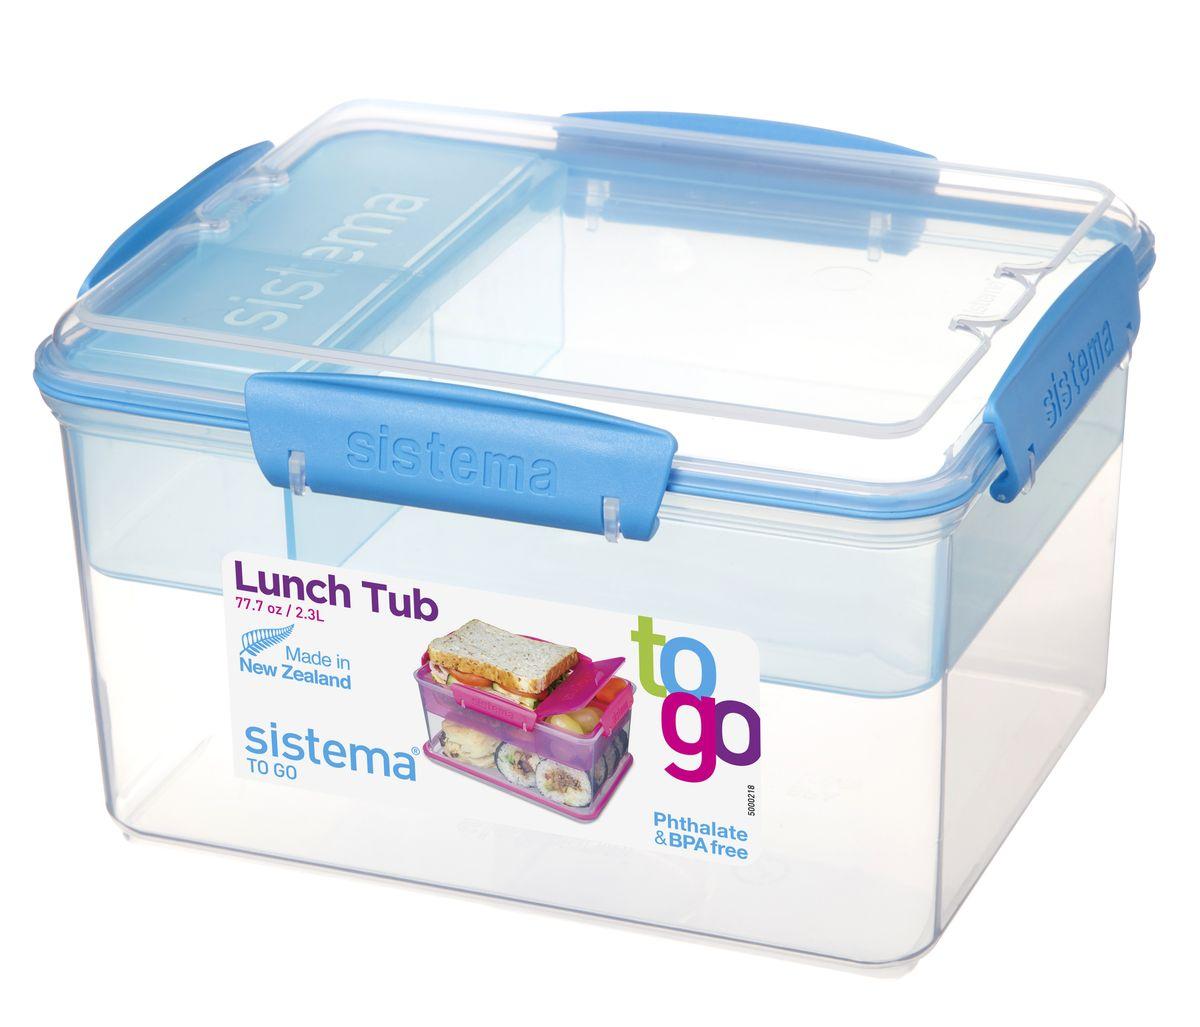 контейнер с разделителем to go 410мл Контейнер Sistema To Go, двухуровневый, с разделителями, цвет: голубой, 2,3 л